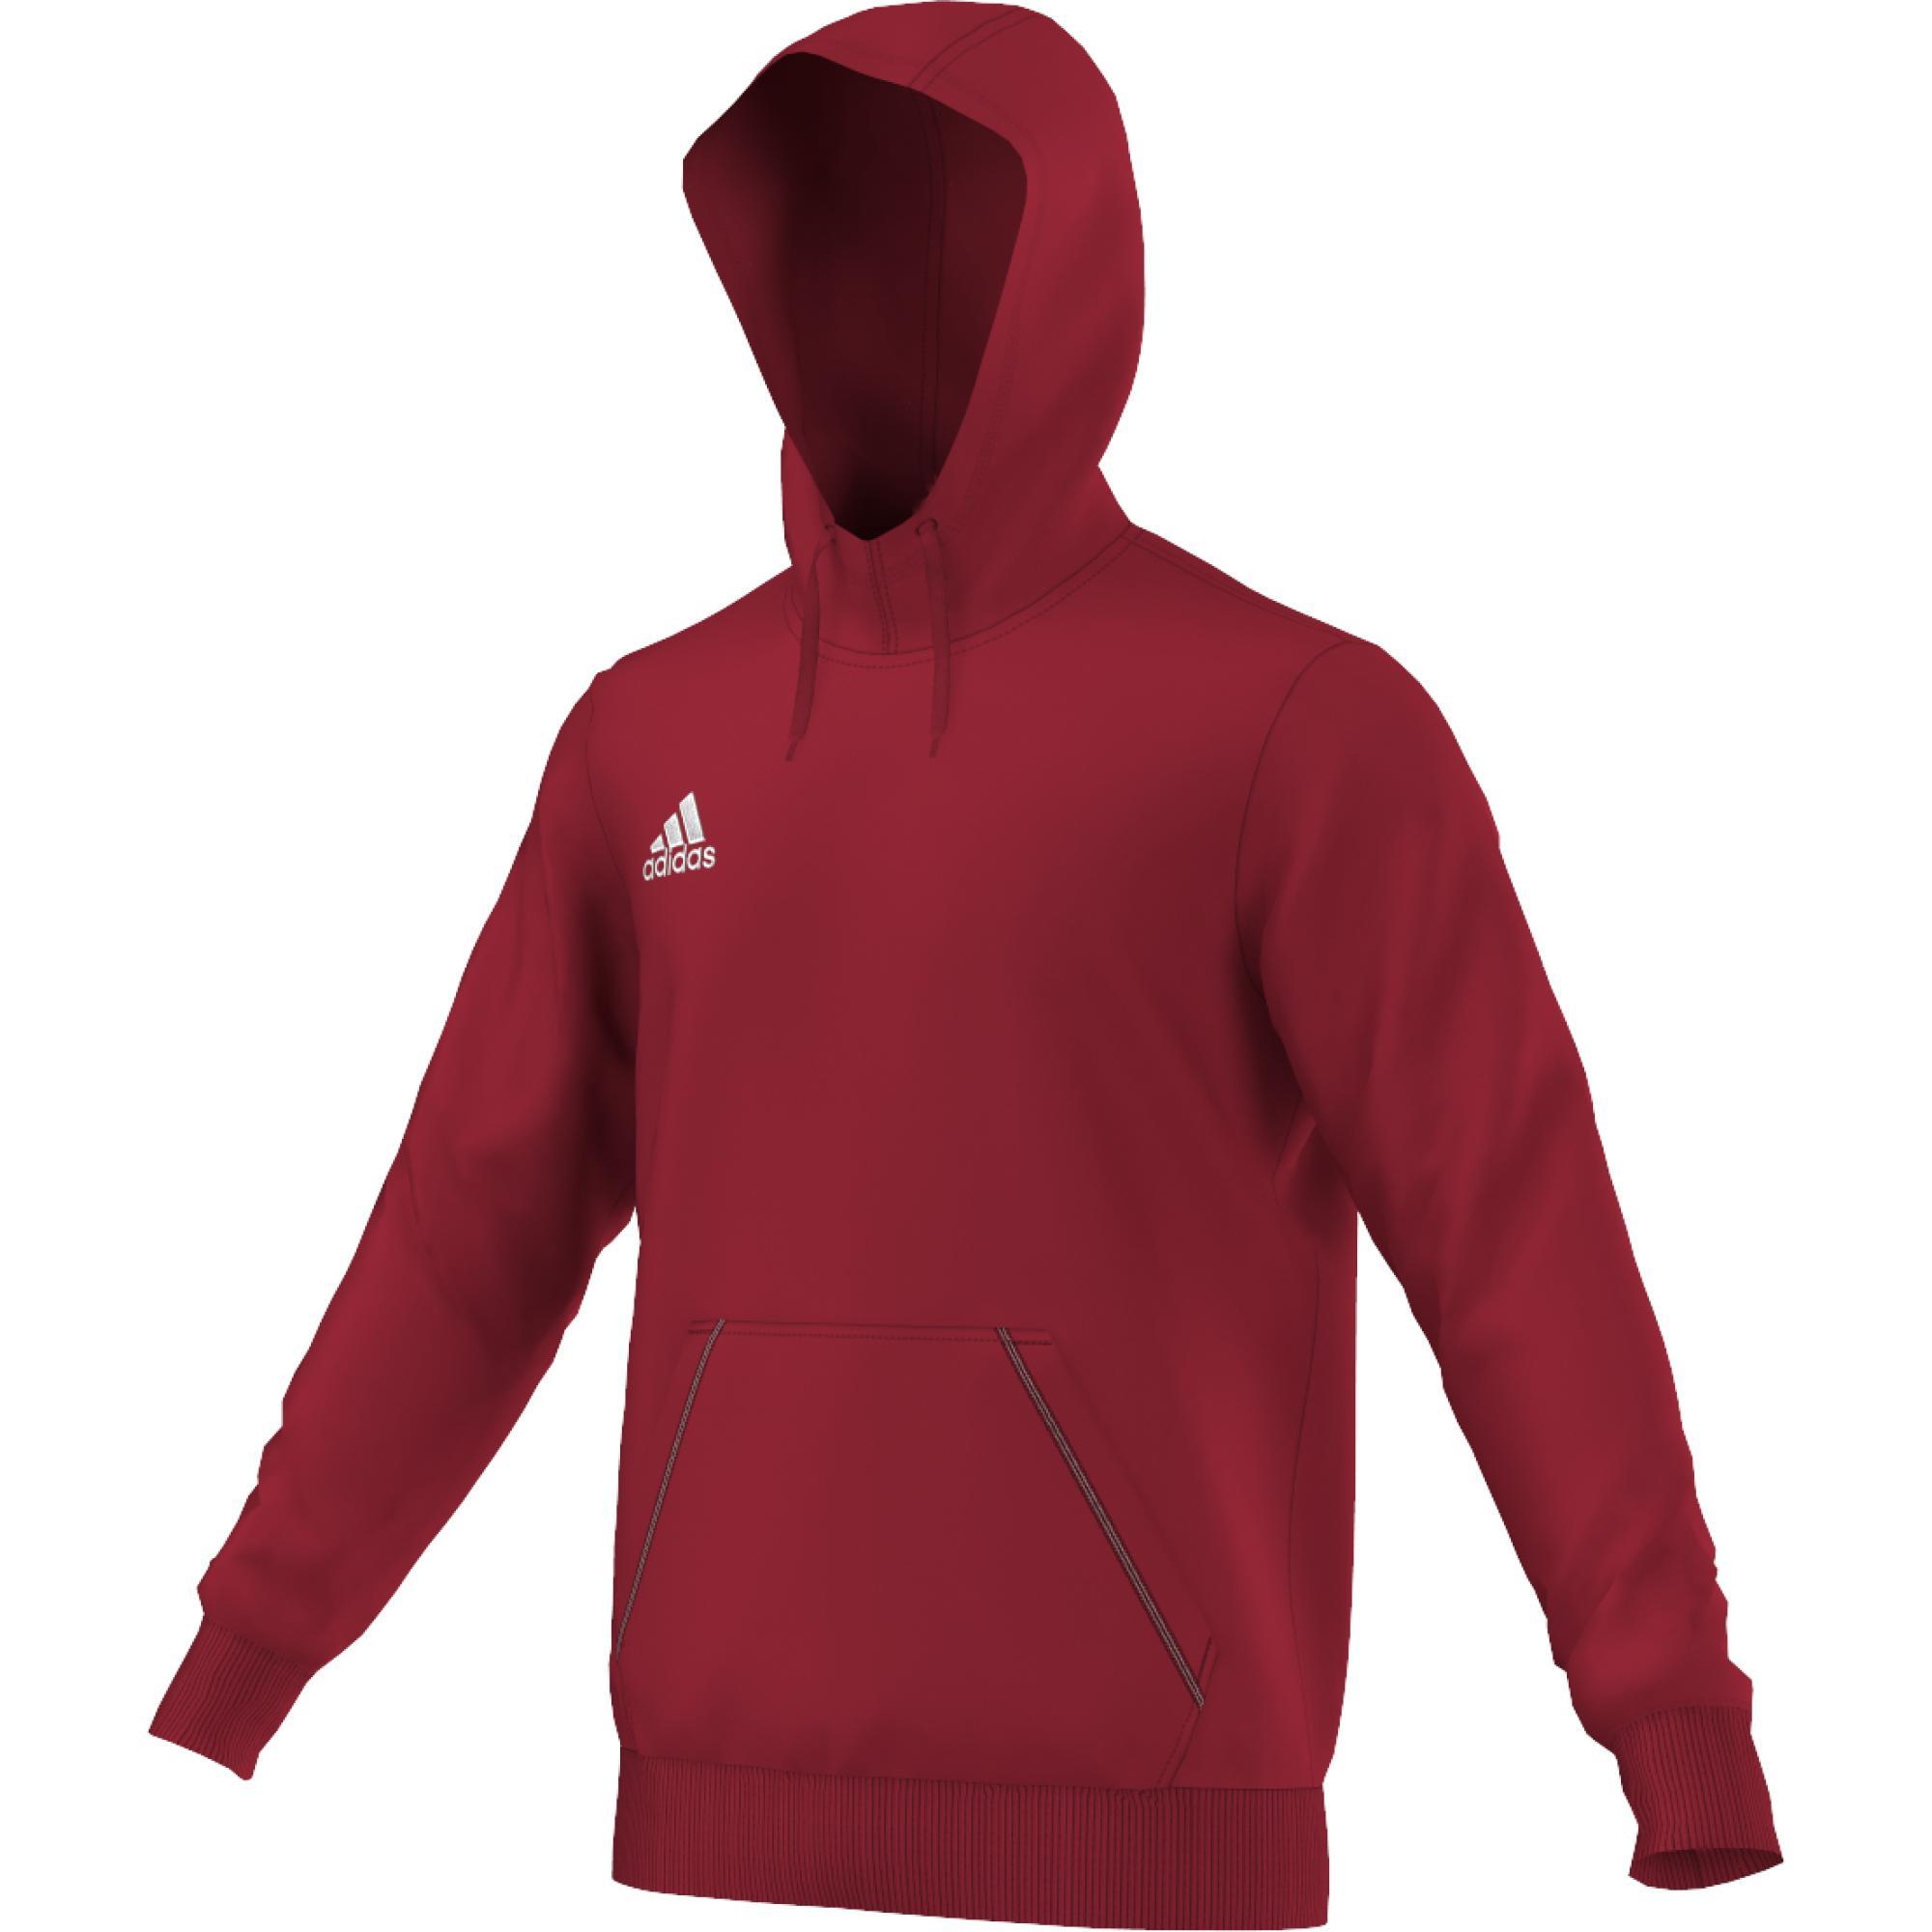 Adidas Mikina Coref HOODY dětská Barva: Červená, Velikost: 140